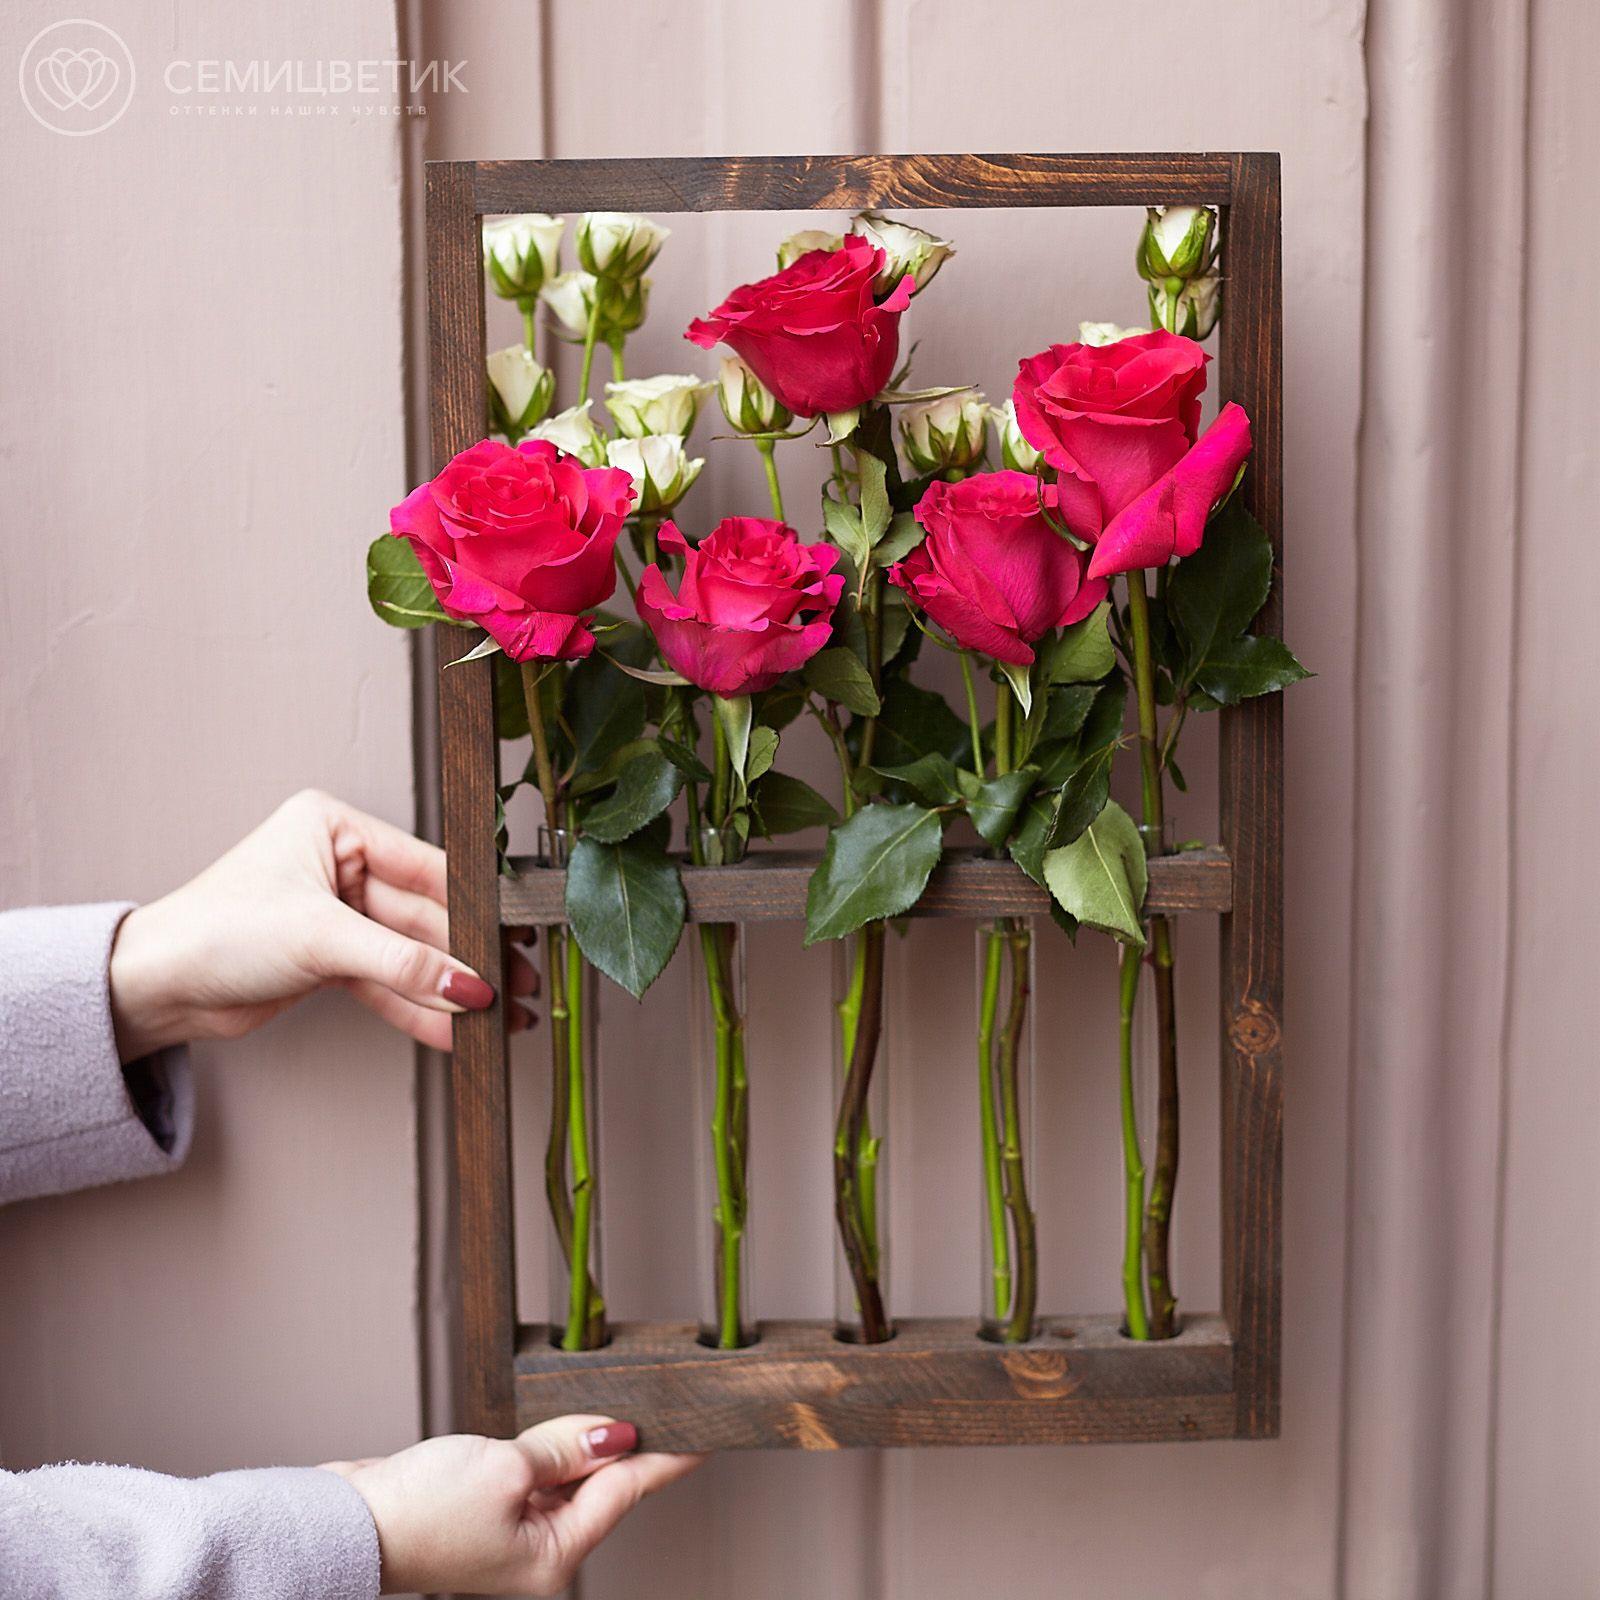 Деревянная рамка с белыми кустовыми розами и малиновыми кенийскими розами фото